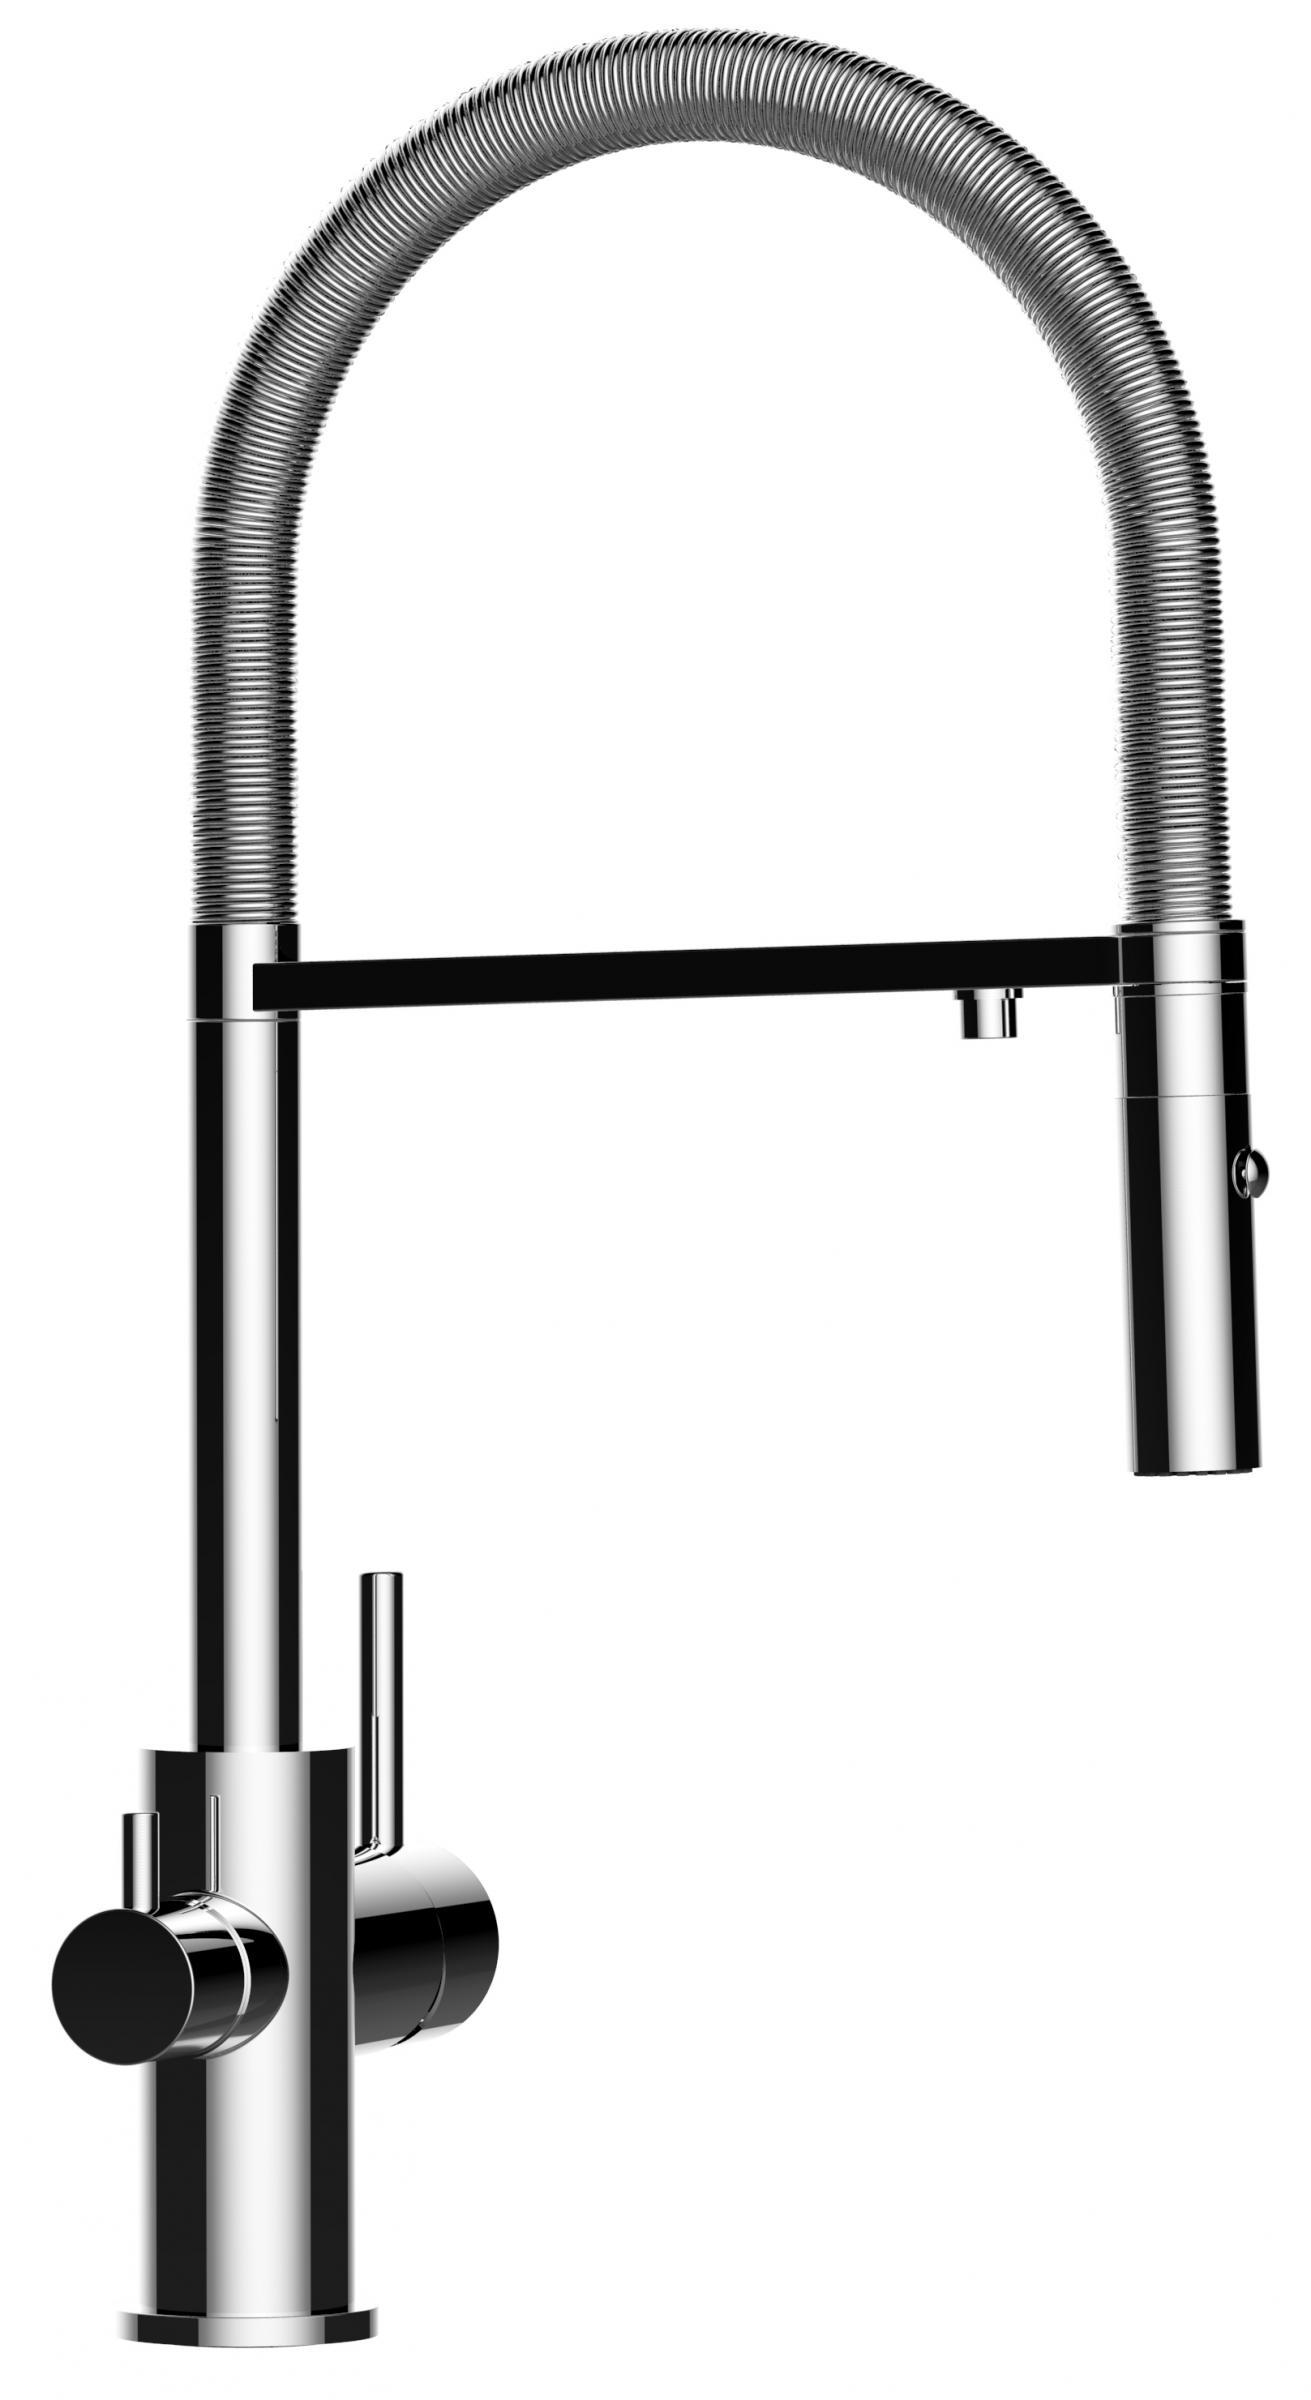 Good Umkehr Osmose Filter Trinkwasser Wege With Wasserhahn Kche Mit Brause